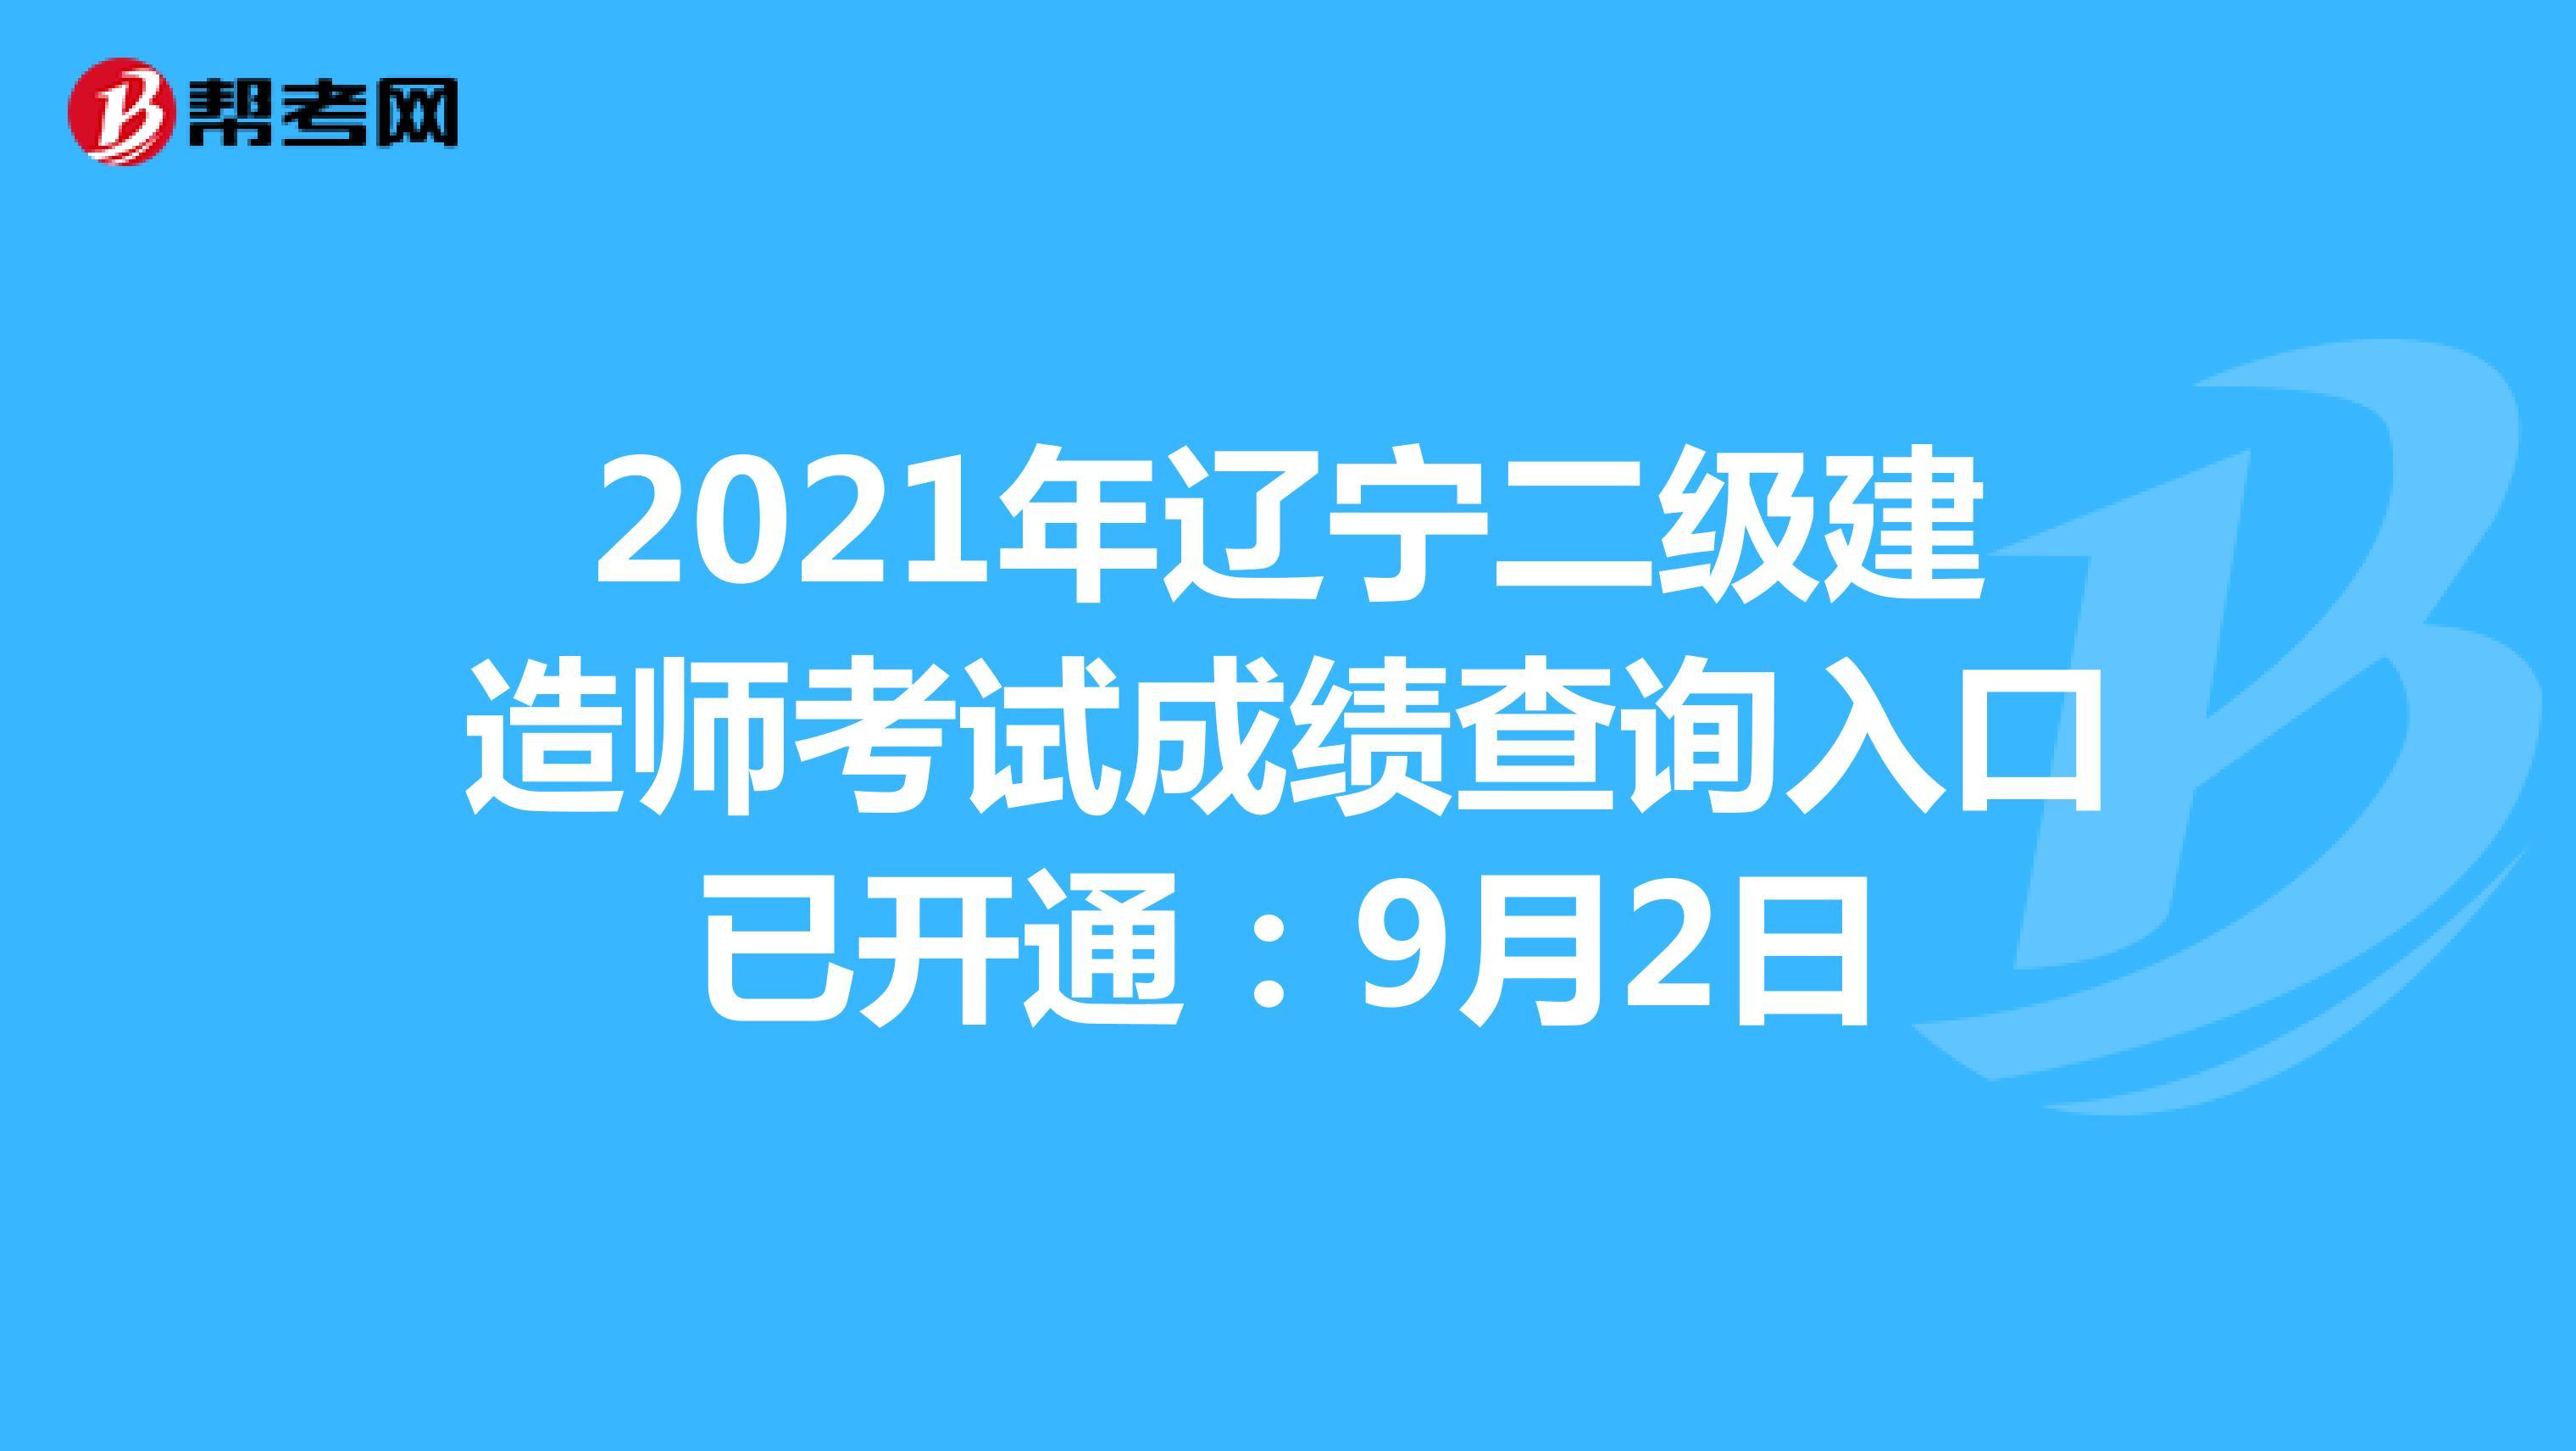 2021年辽宁二级建造师考试成绩查询入口已开通:9月2日